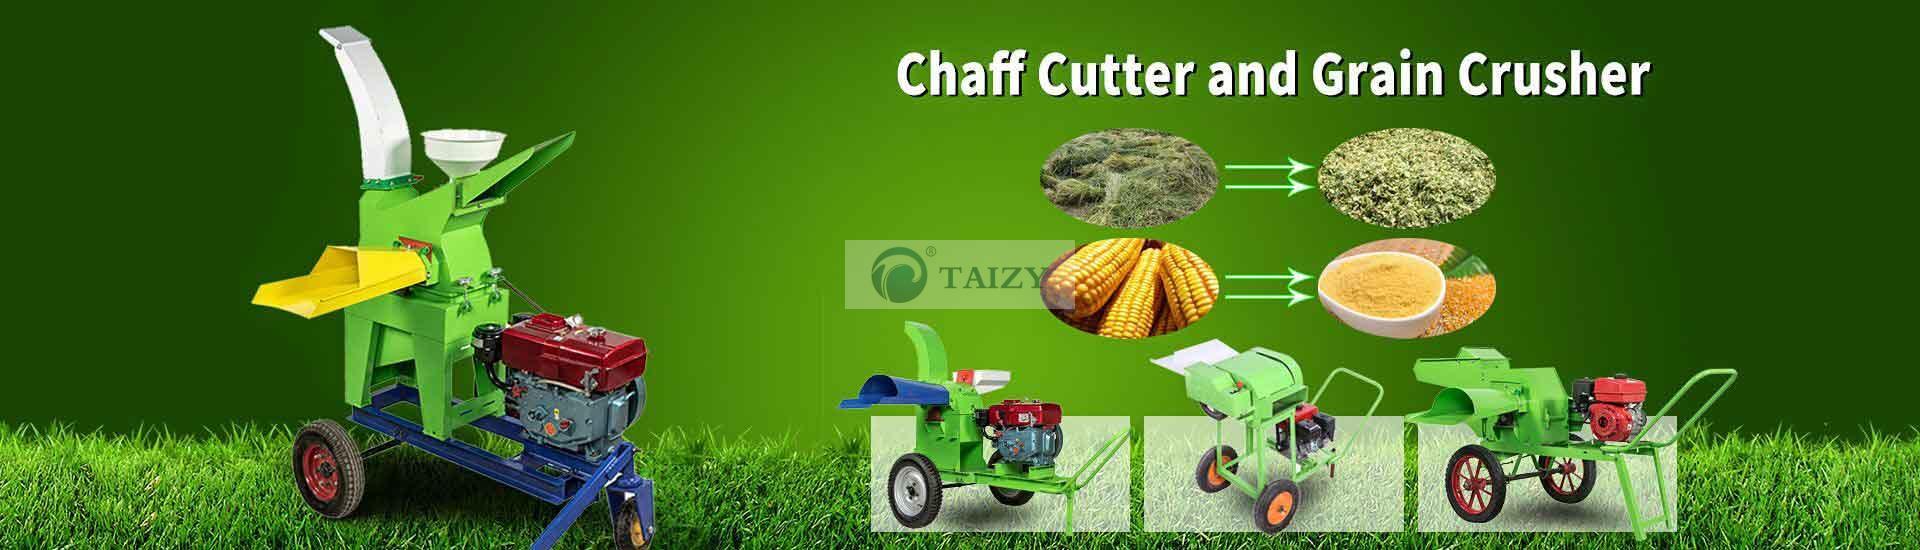 chaff-cutter-and-grain-crusher-1